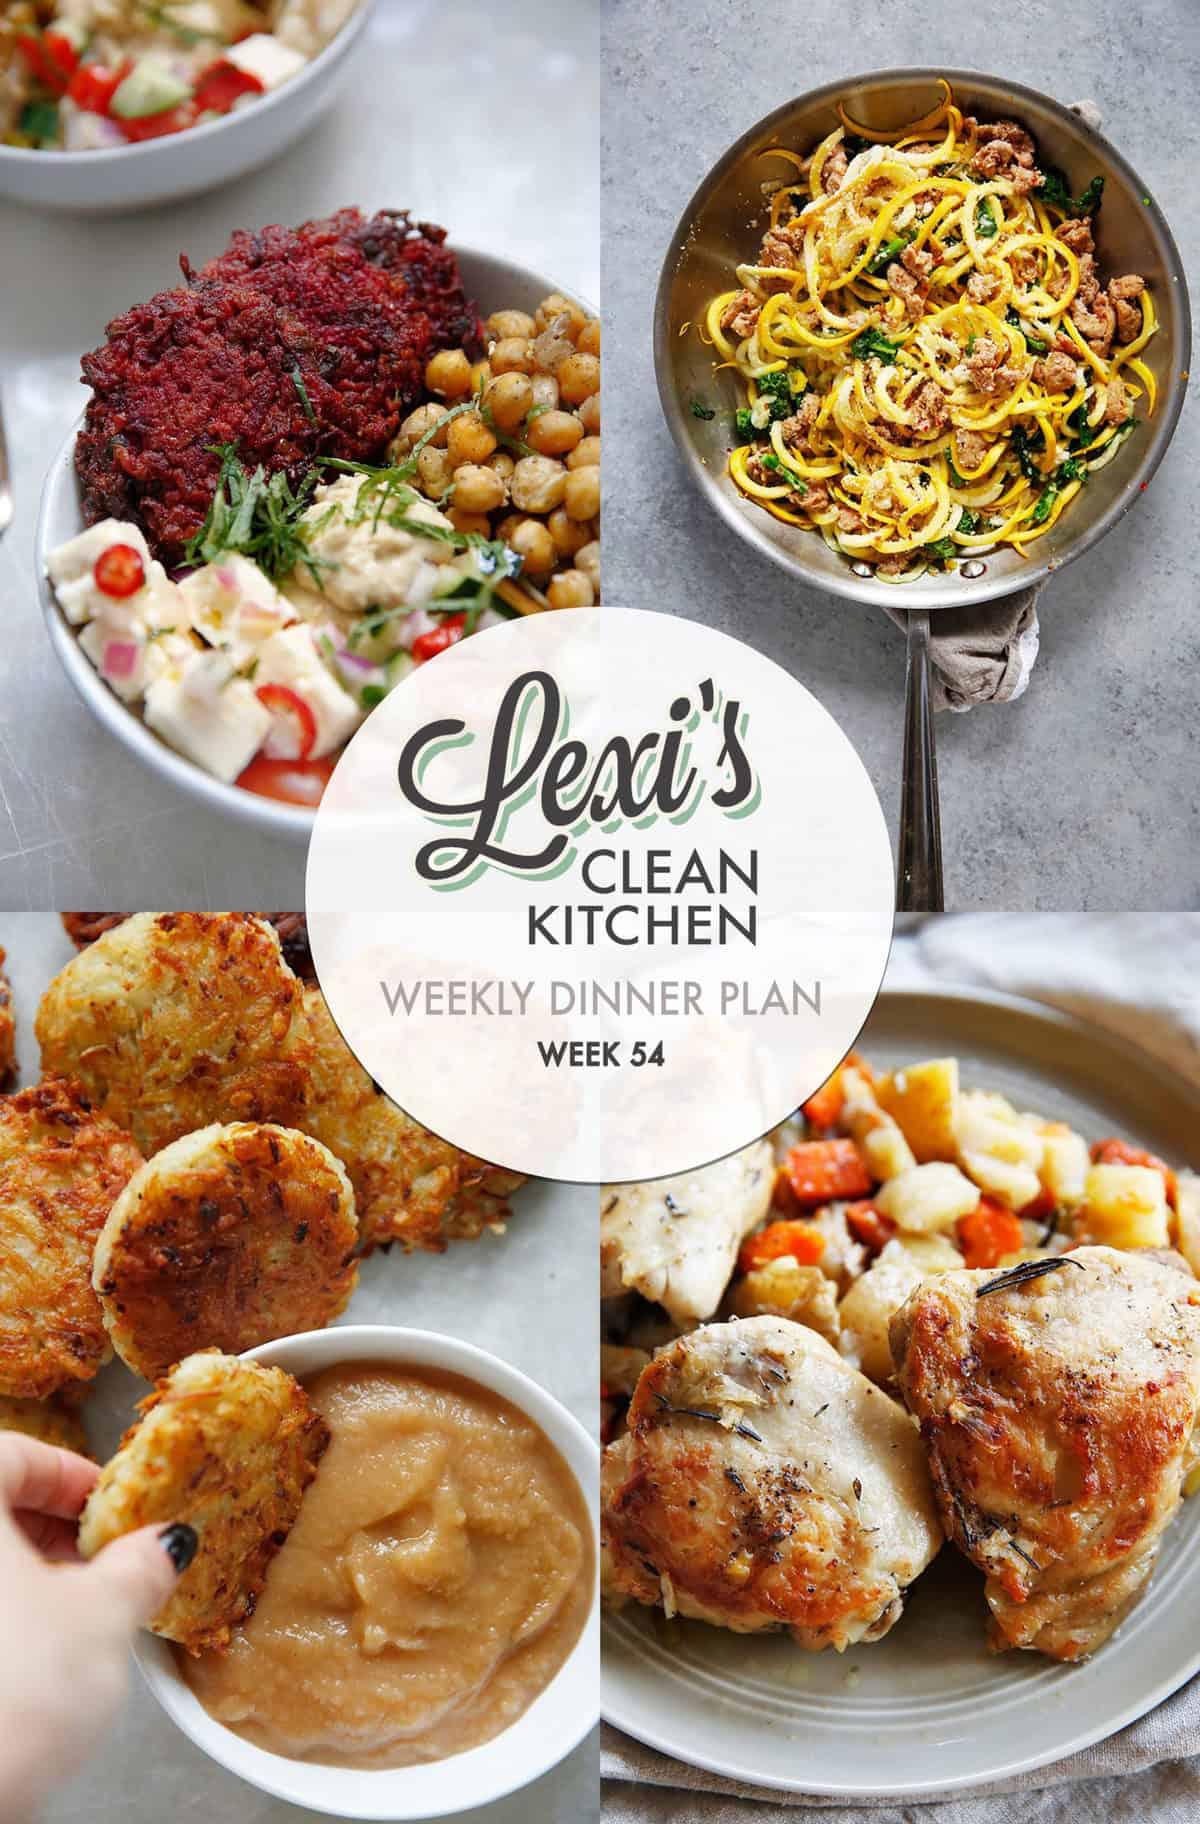 Lexi's Weekly Dinner Plan Week 54